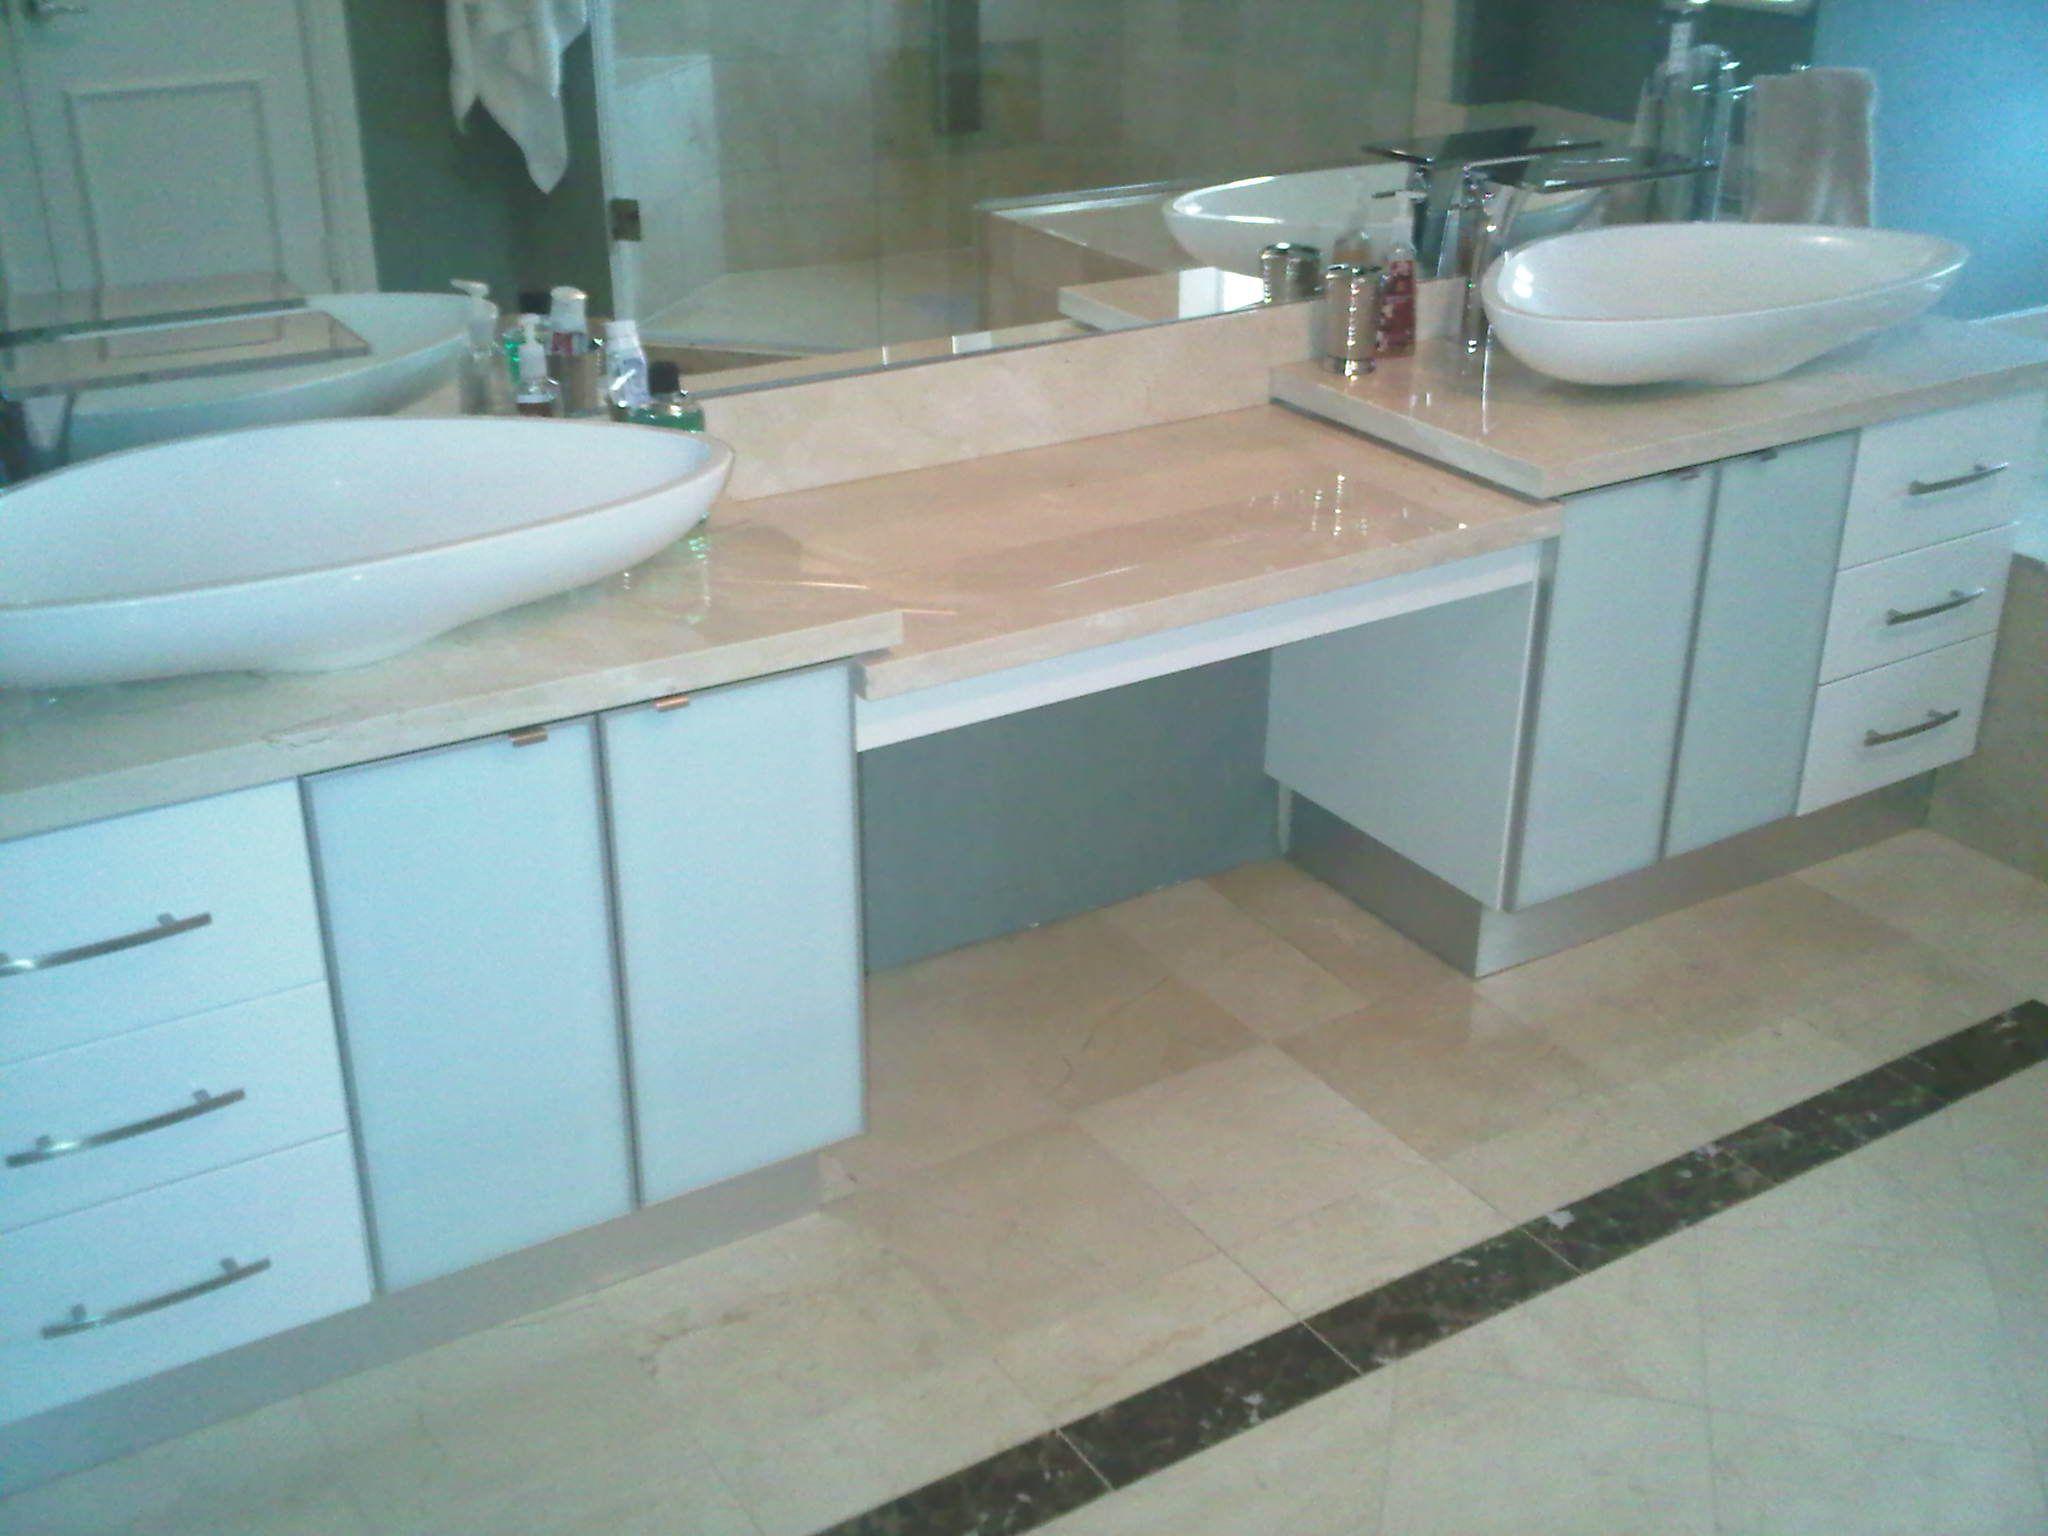 Badezimmer Mobel Miami Badezimmer Mobel Badezimmer Moderne Badezimmer Waschbecken